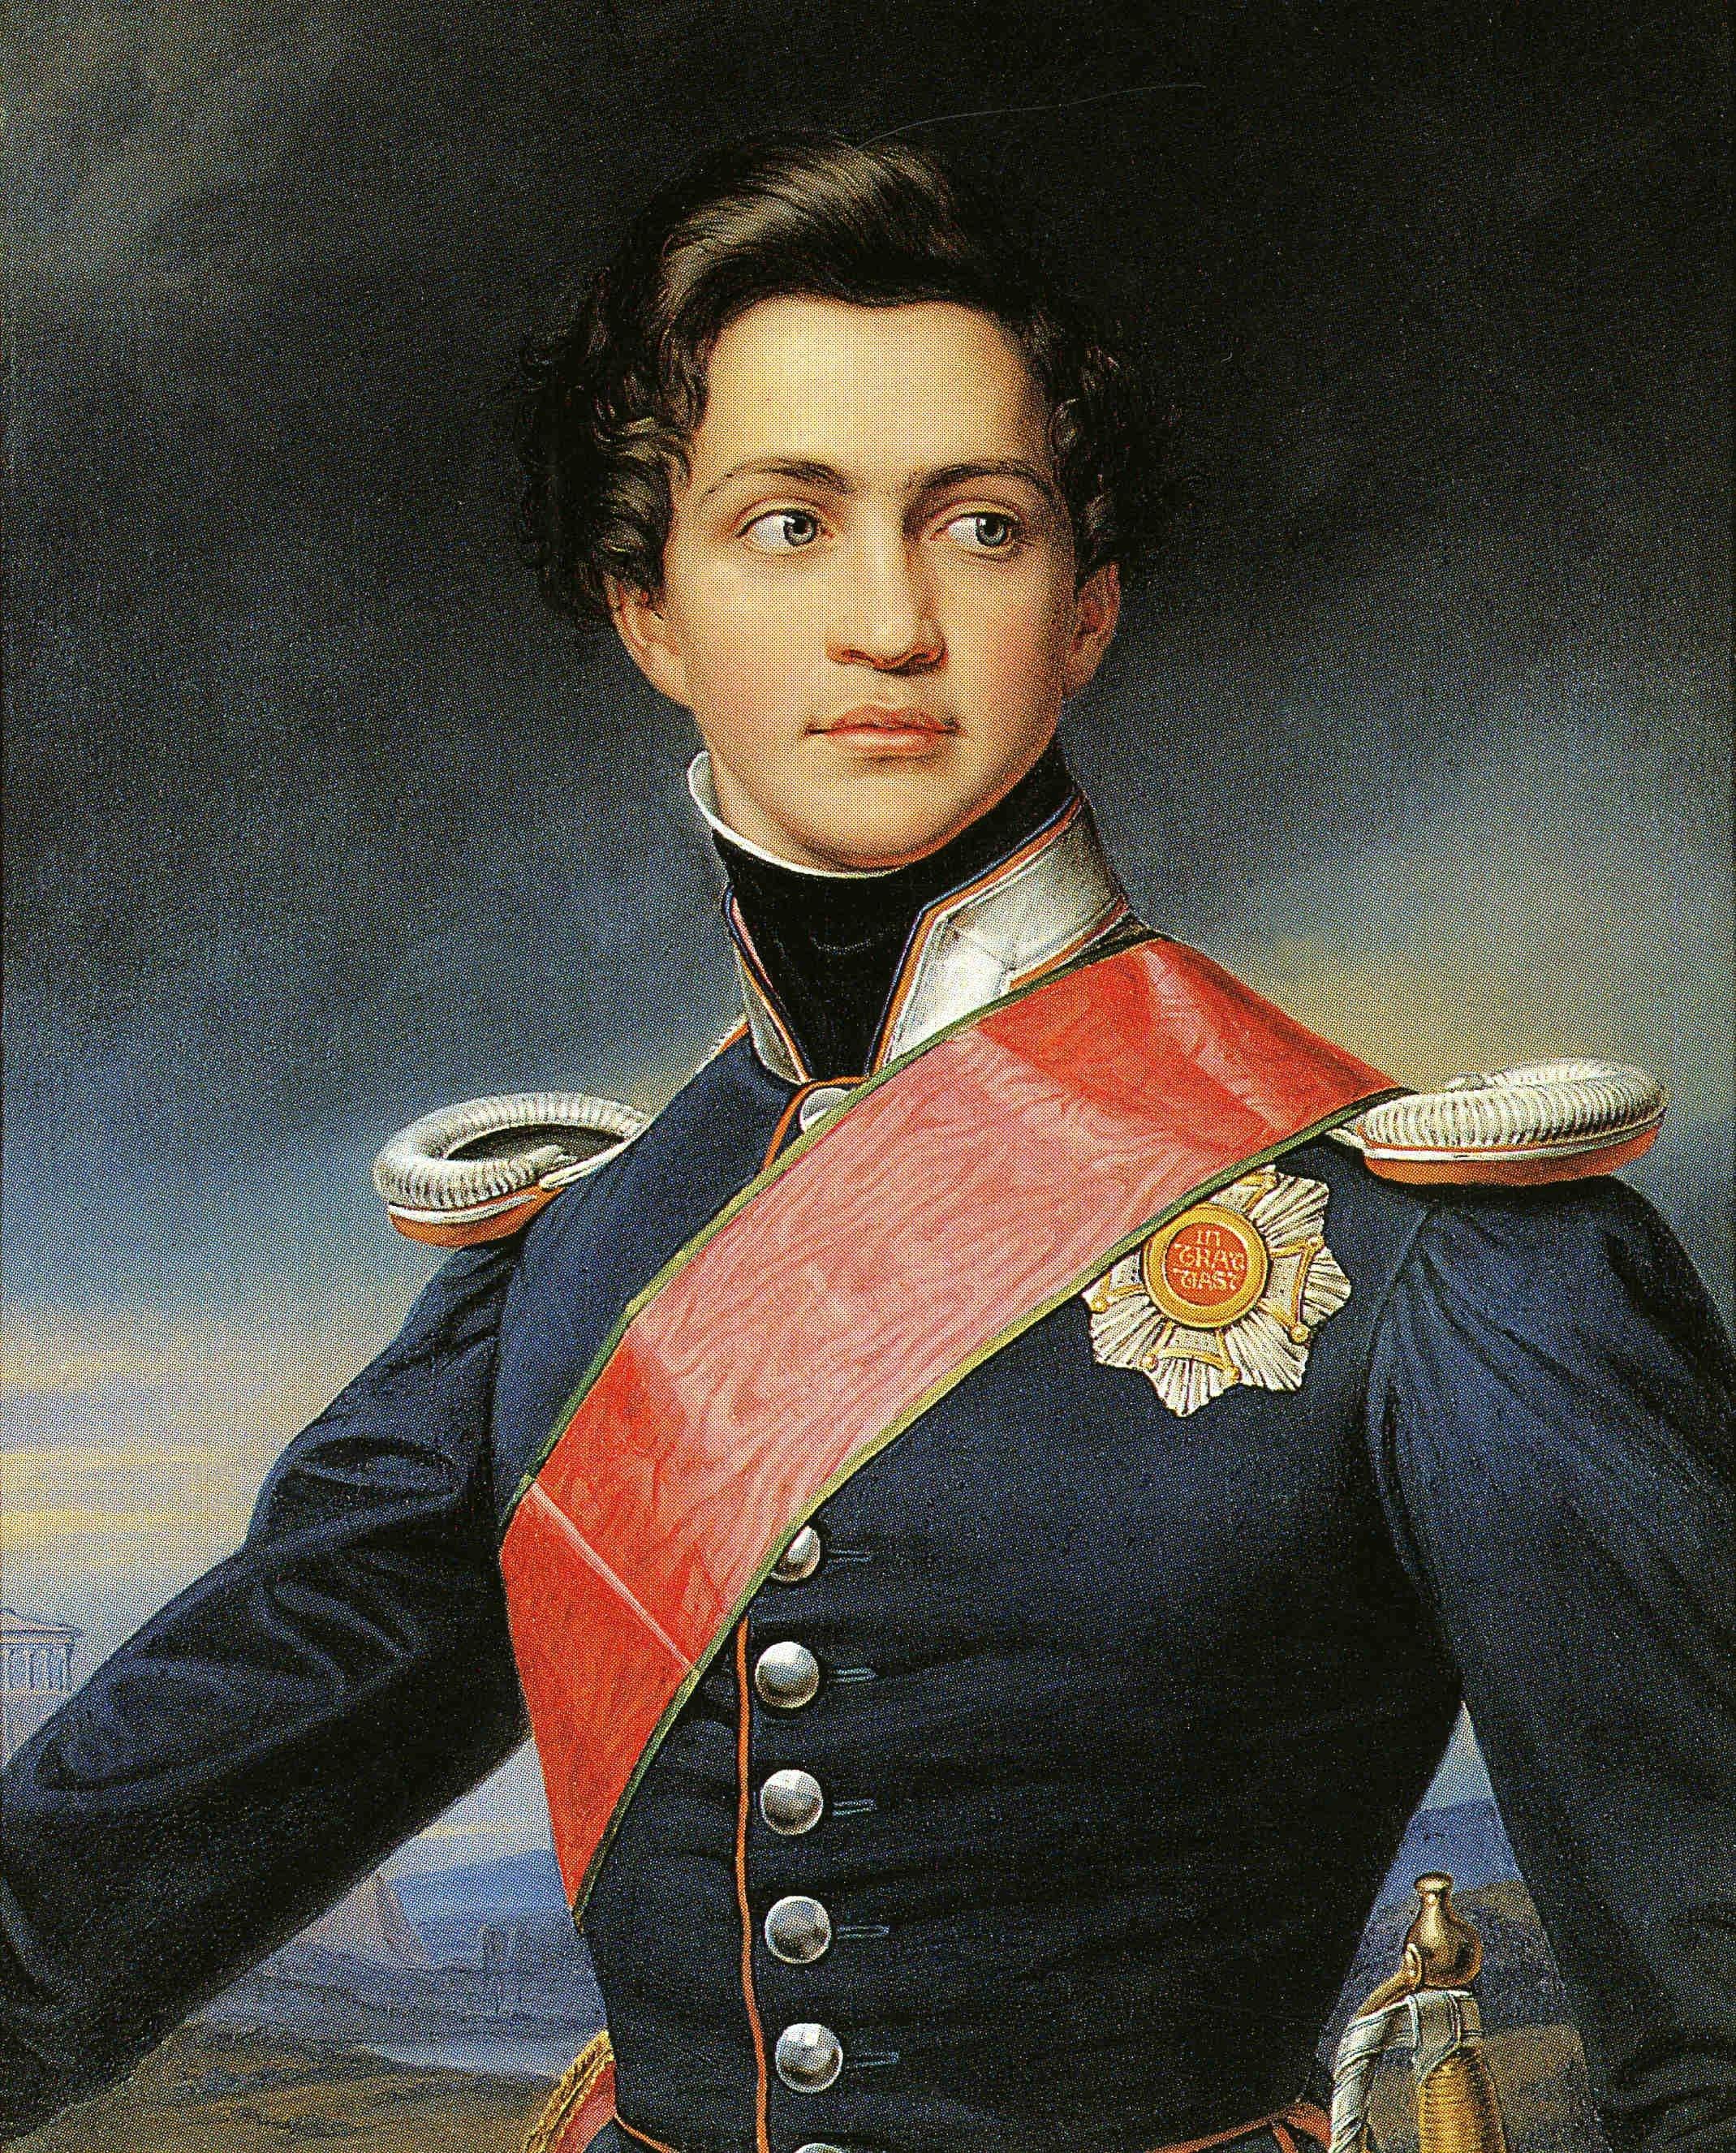 Prinz_Otto_von_Bayern_Koenig_von_Griechenland_1833